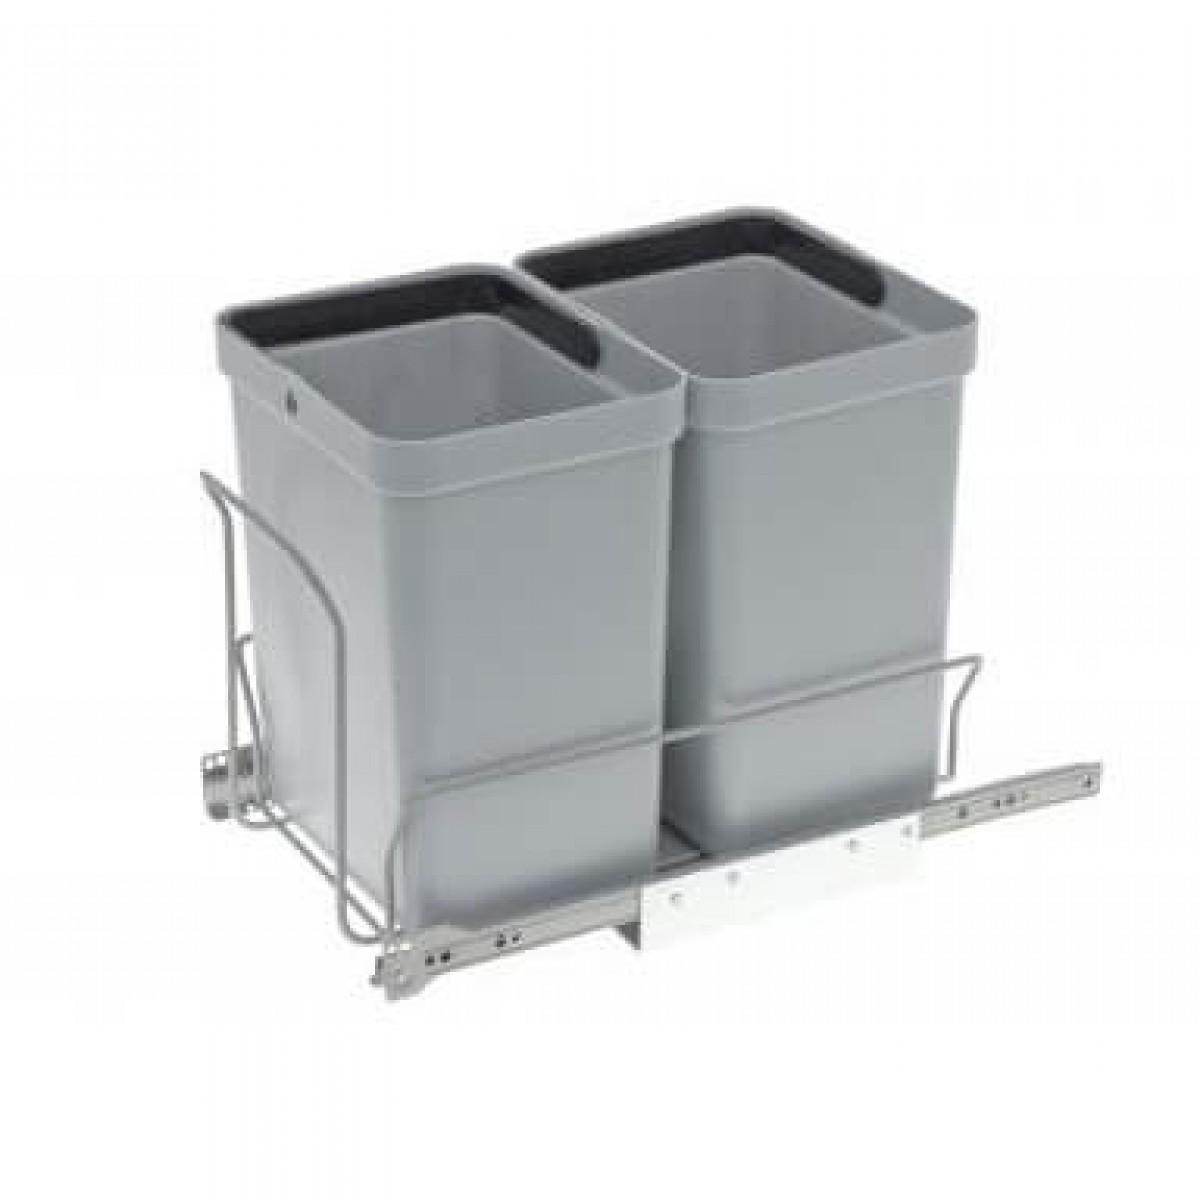 Affaldsstativ m. 2 stk affaldsspande på 10 ltr